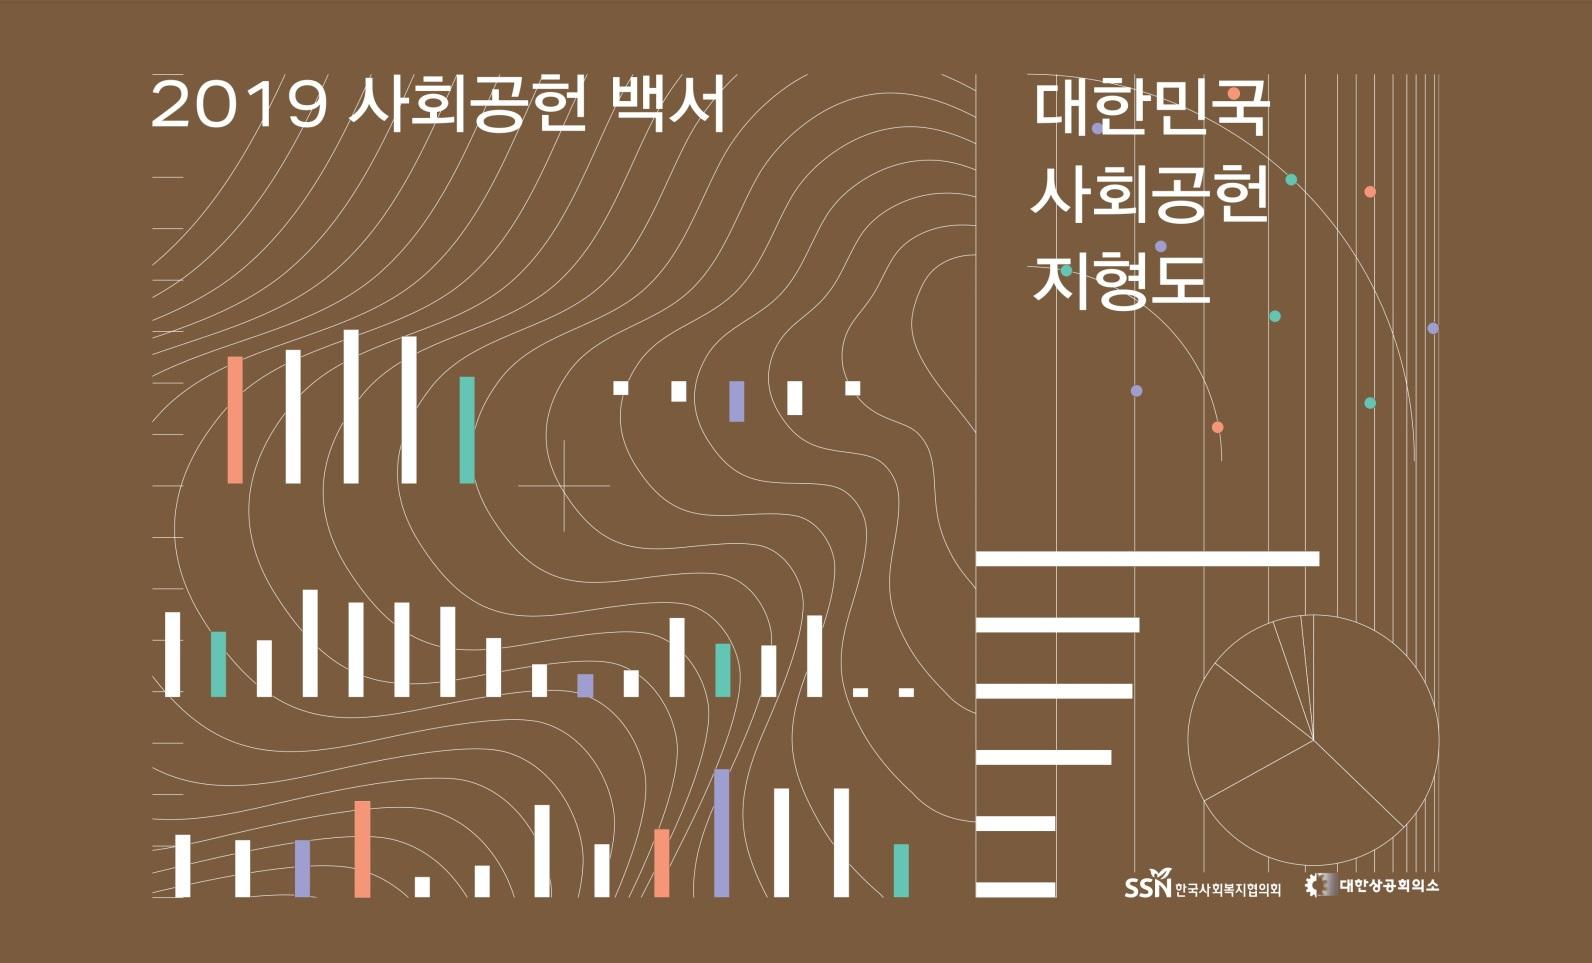 ◇'2019 사회공헌 백서' 커버 이미지(사진제공=한국사회복지협의회)